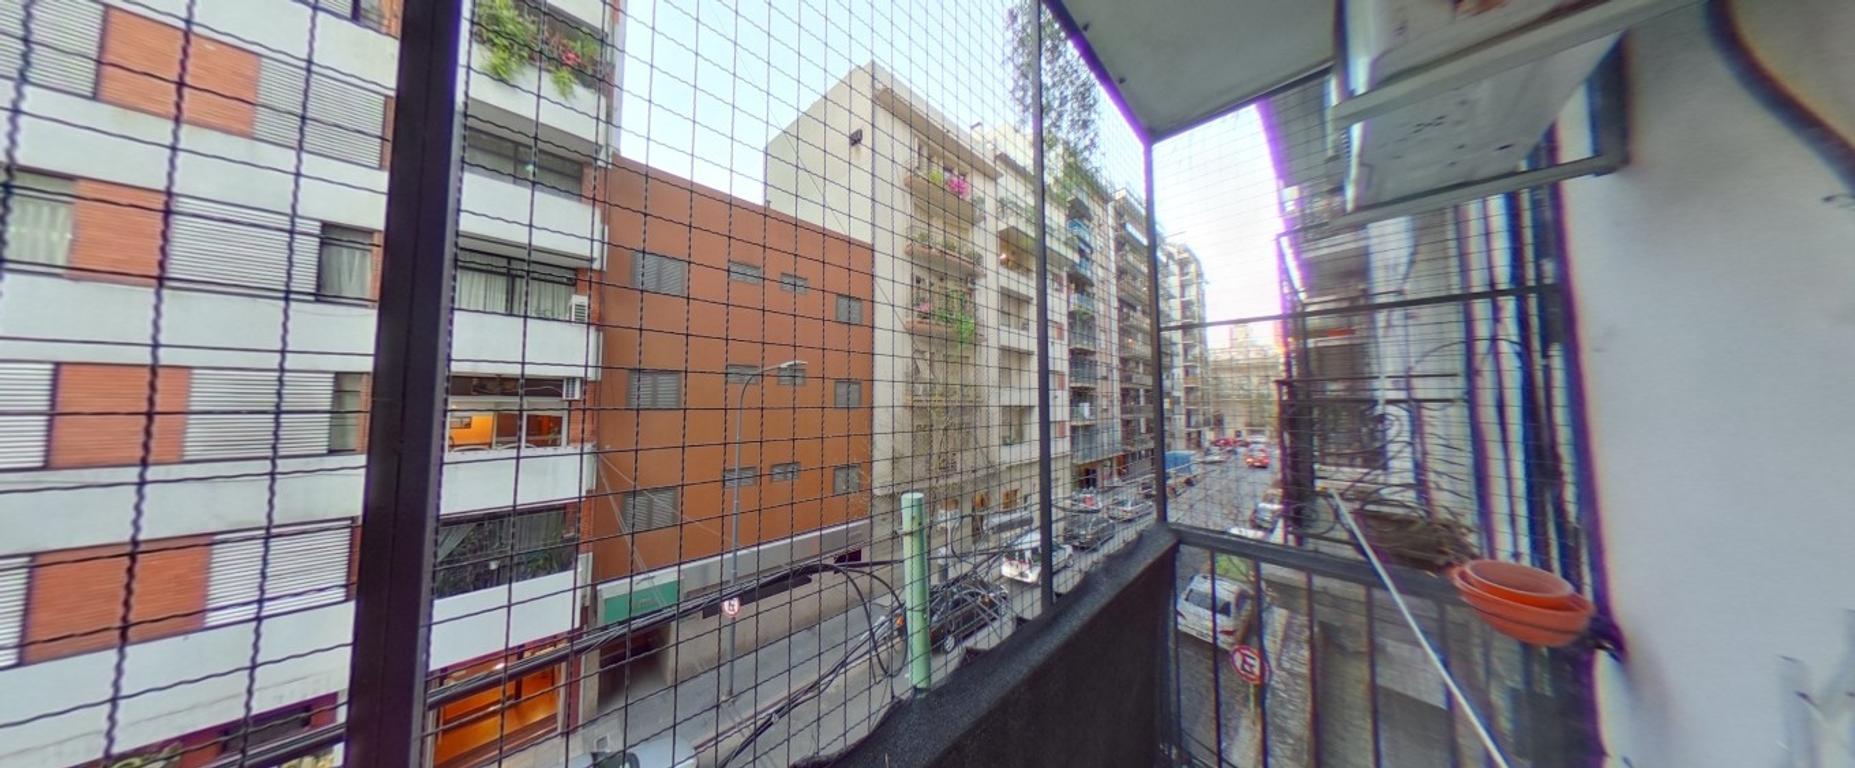 MANSILLA 2400 2º - PISO 114 m2 - BALCON - LUMINOSO